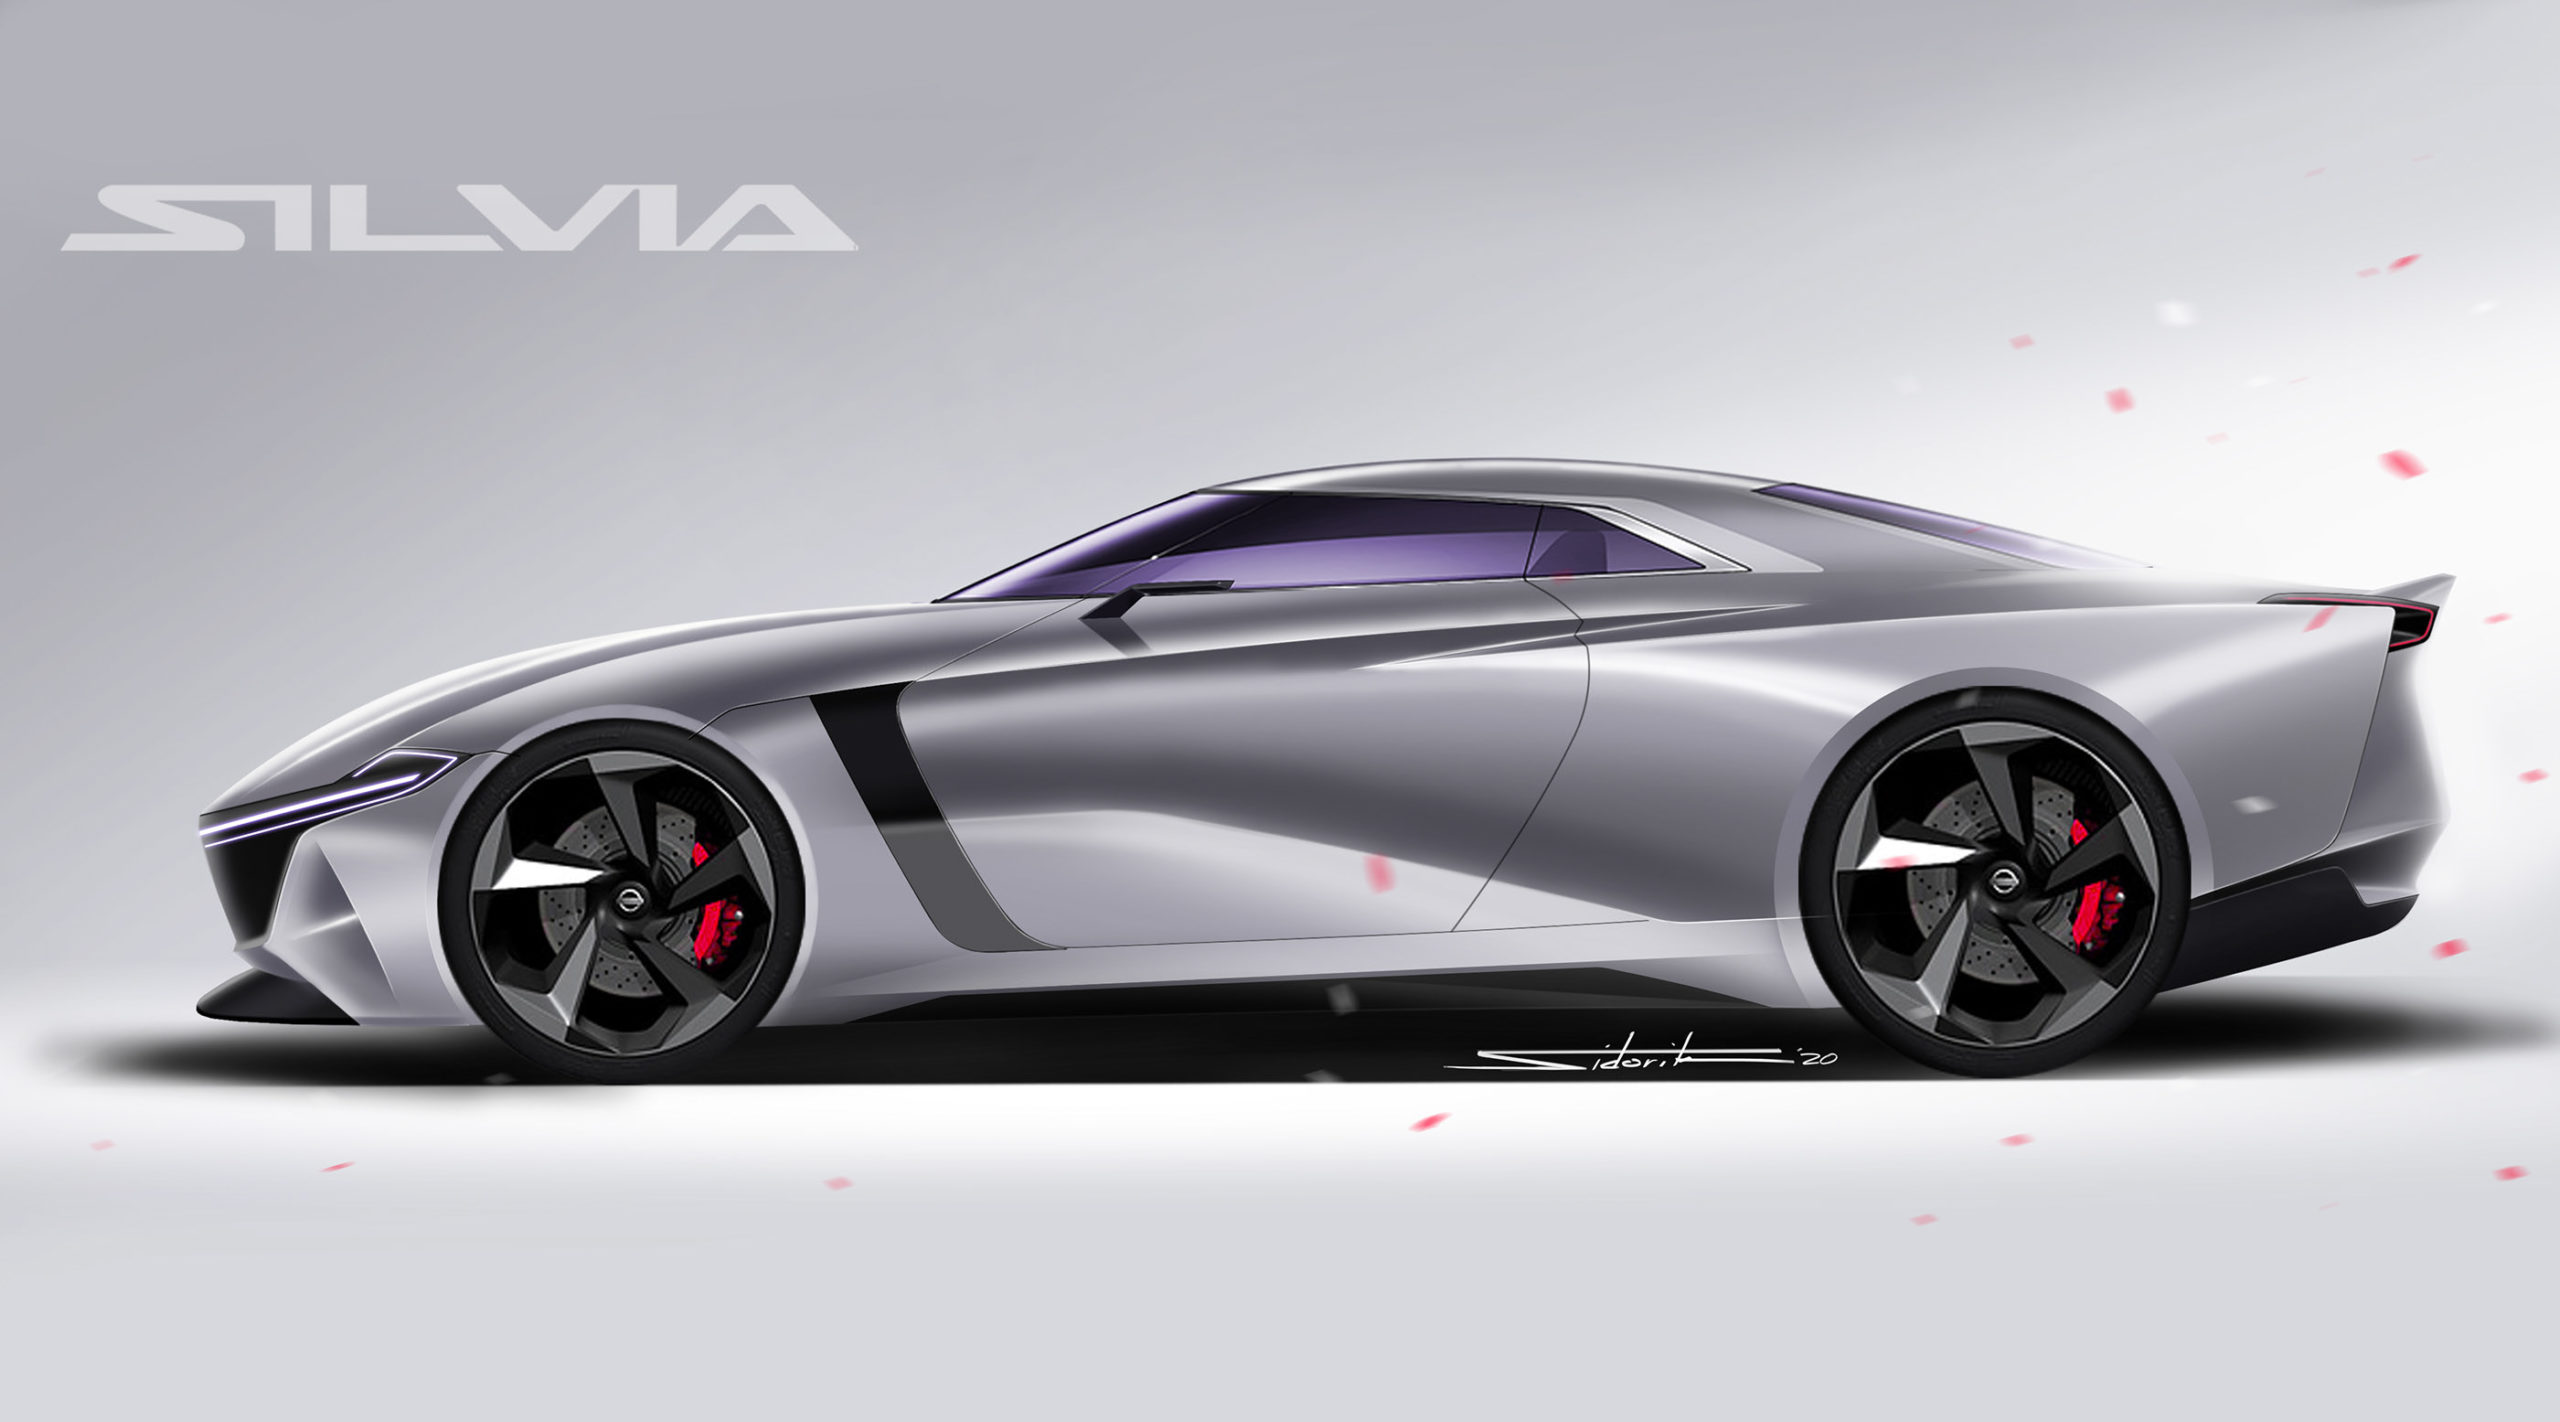 Nissana Silvia